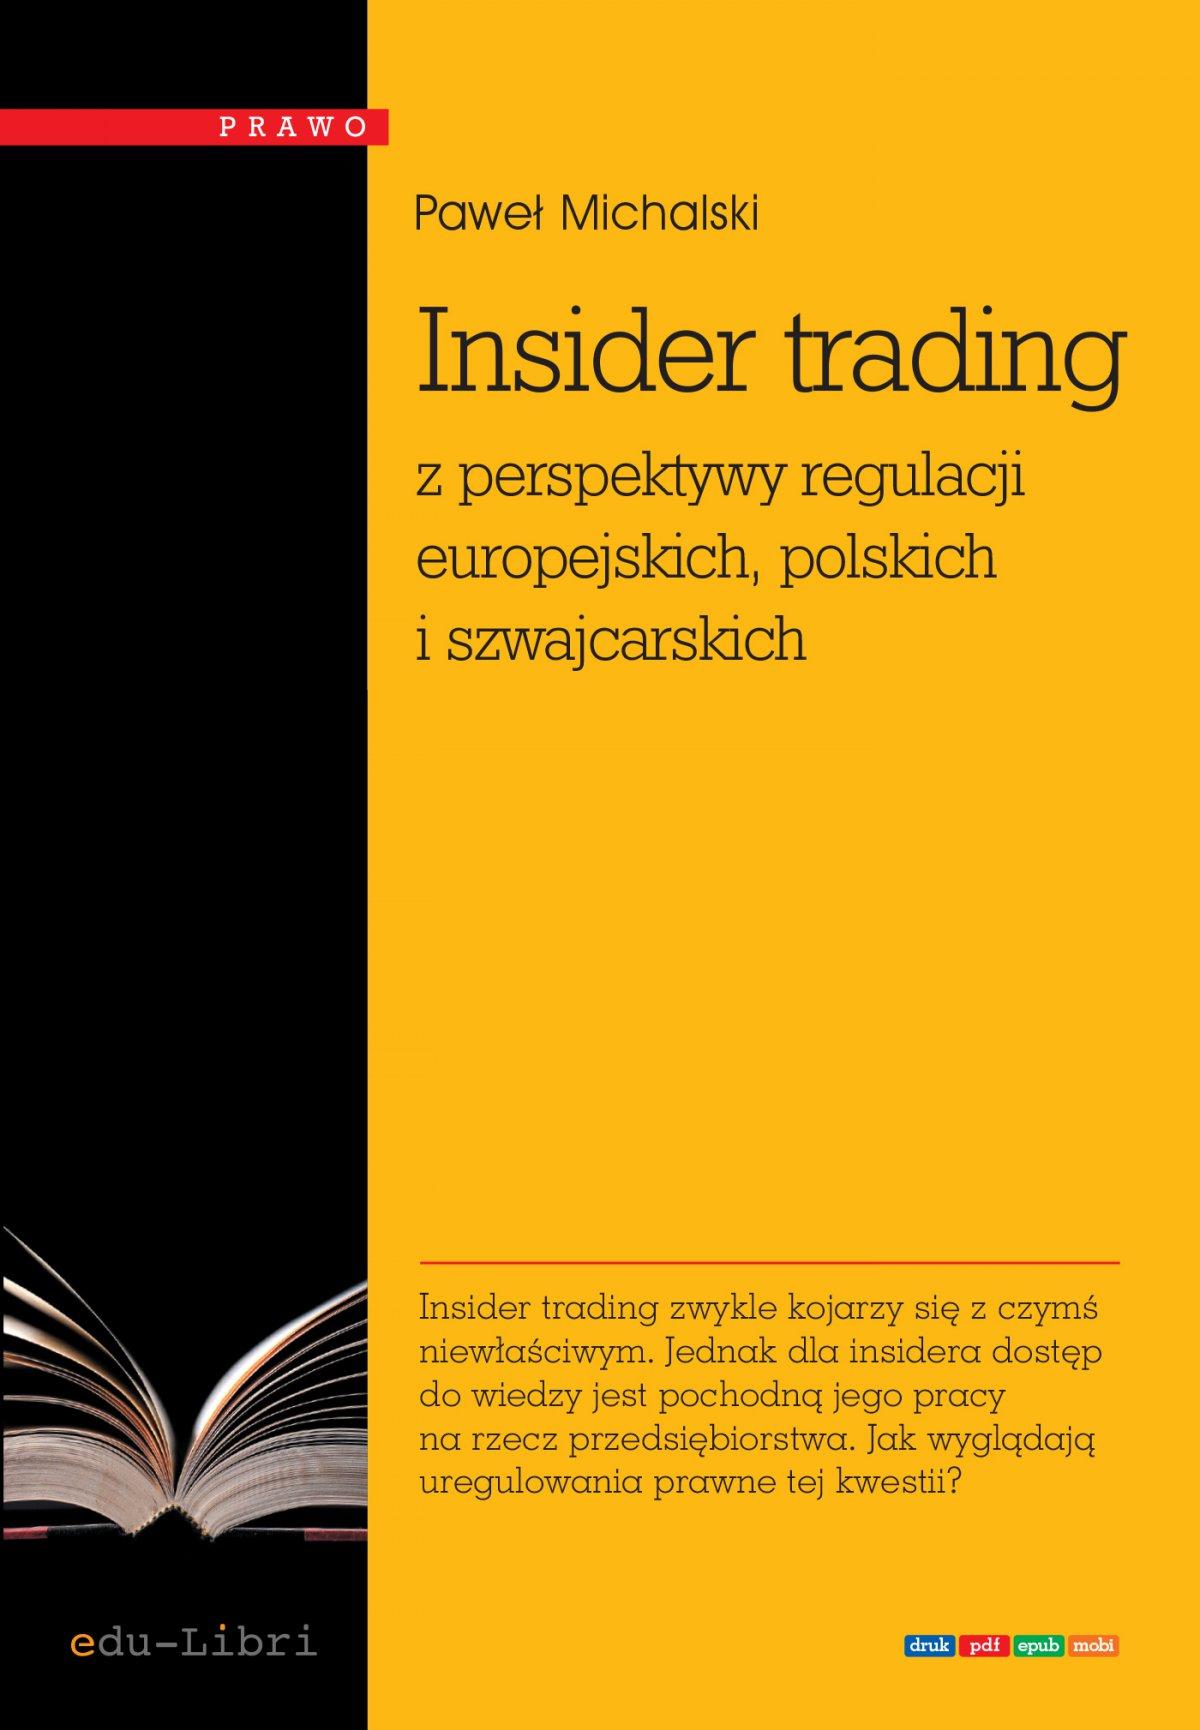 Insider trading z perspektywy regulacji europejskich, polskich i szwajcarskich - Ebook (Książka na Kindle) do pobrania w formacie MOBI